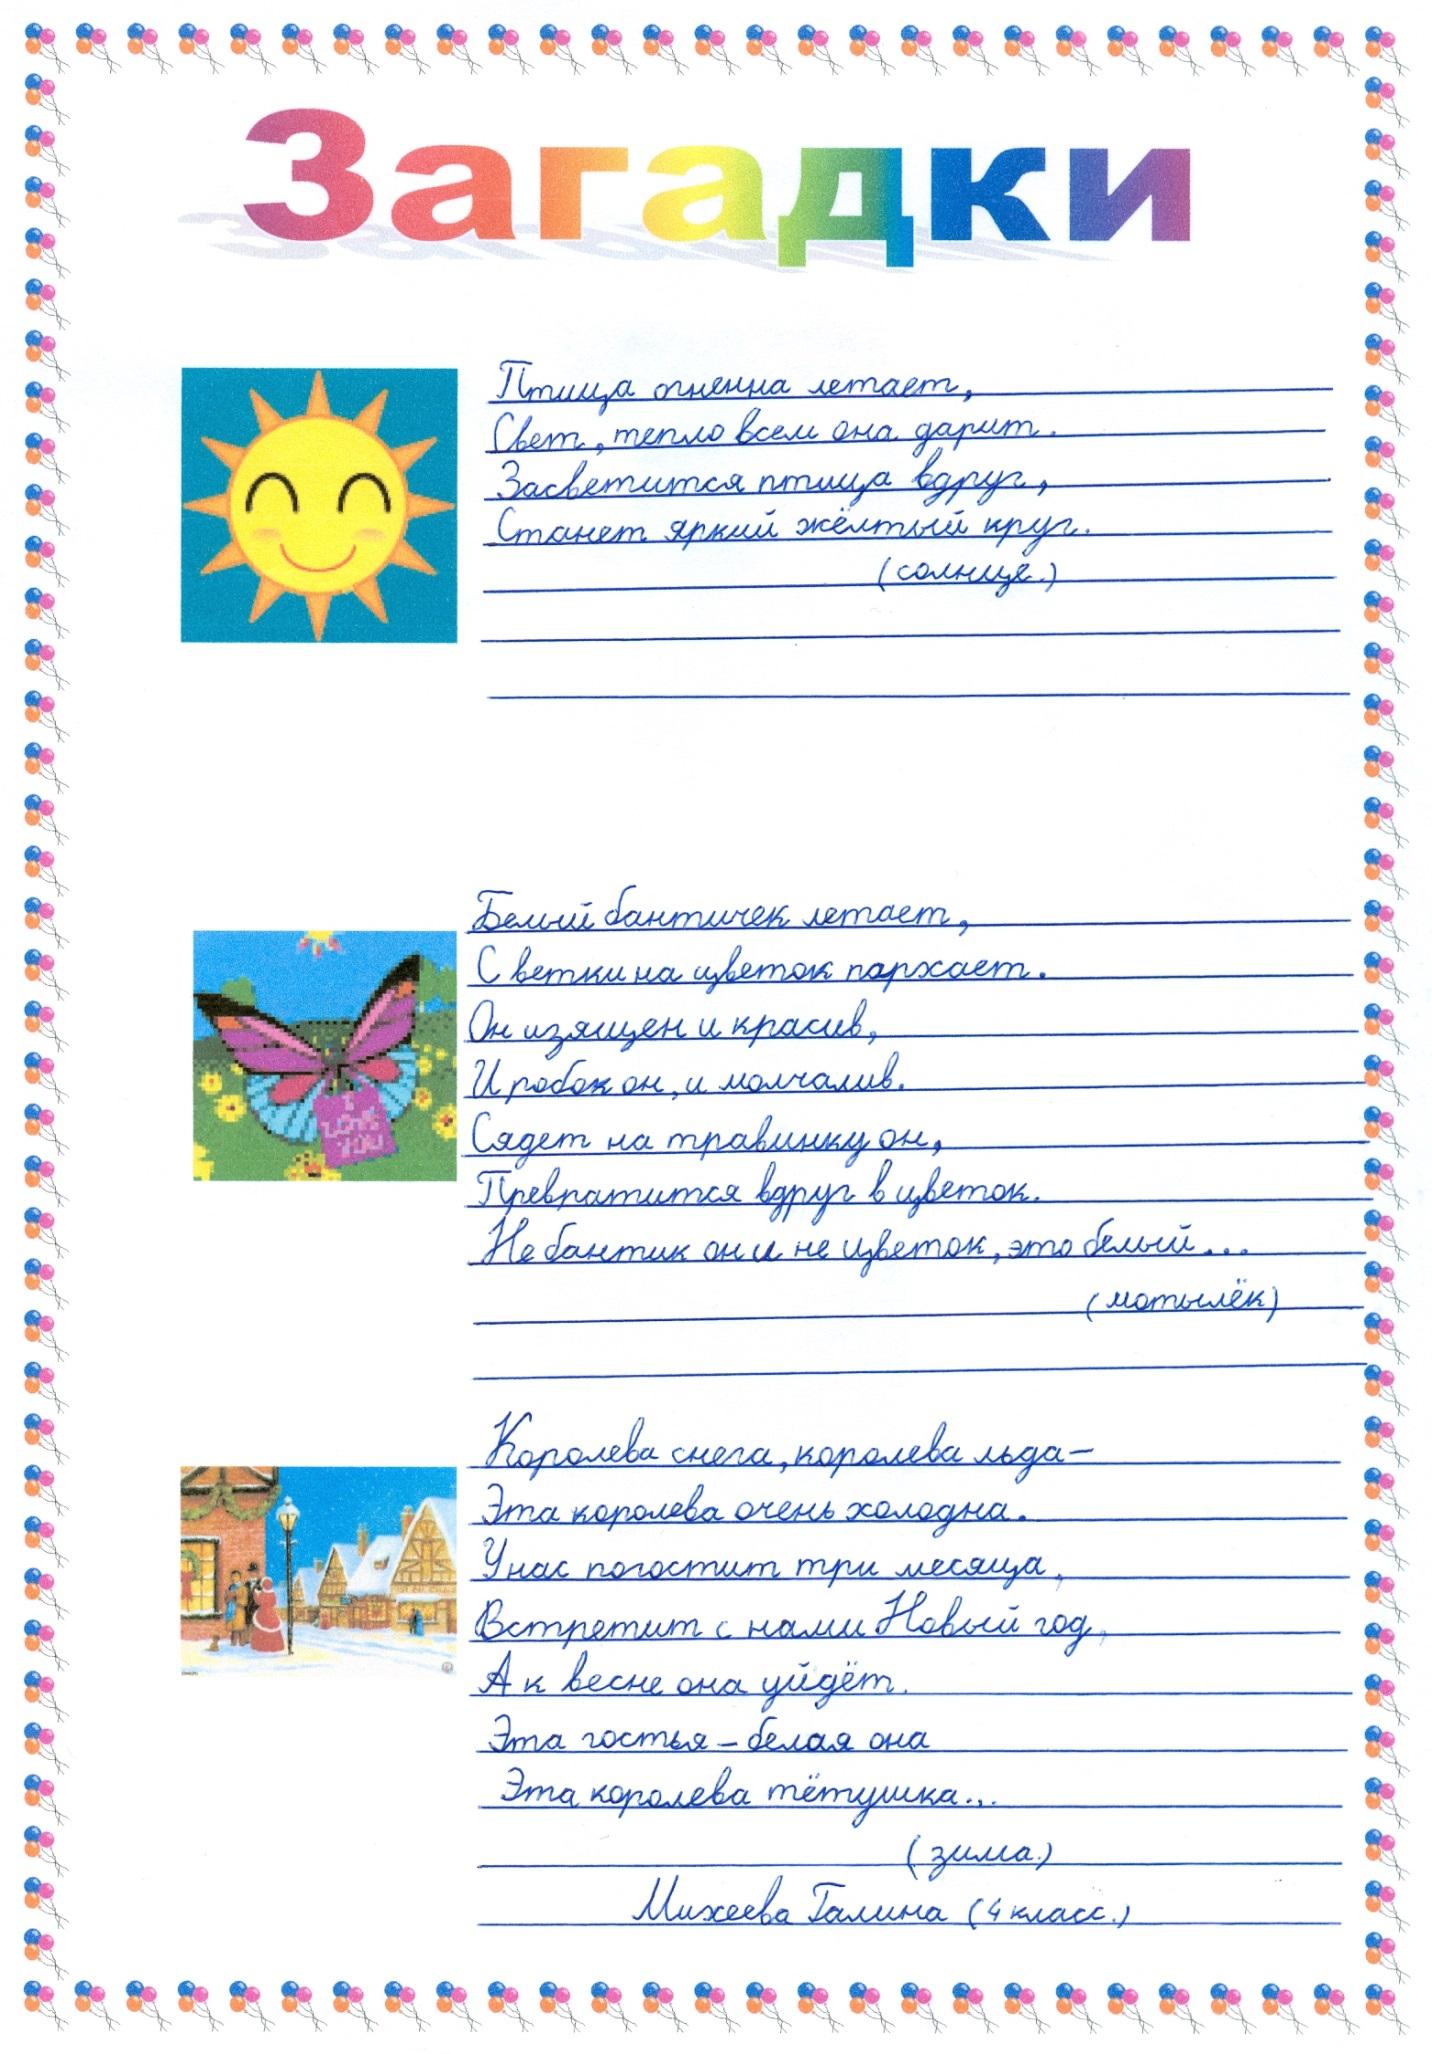 C:\Users\Елена Григорьевна\Pictures\Мои сканированные изображения\сканирование0047.jpg